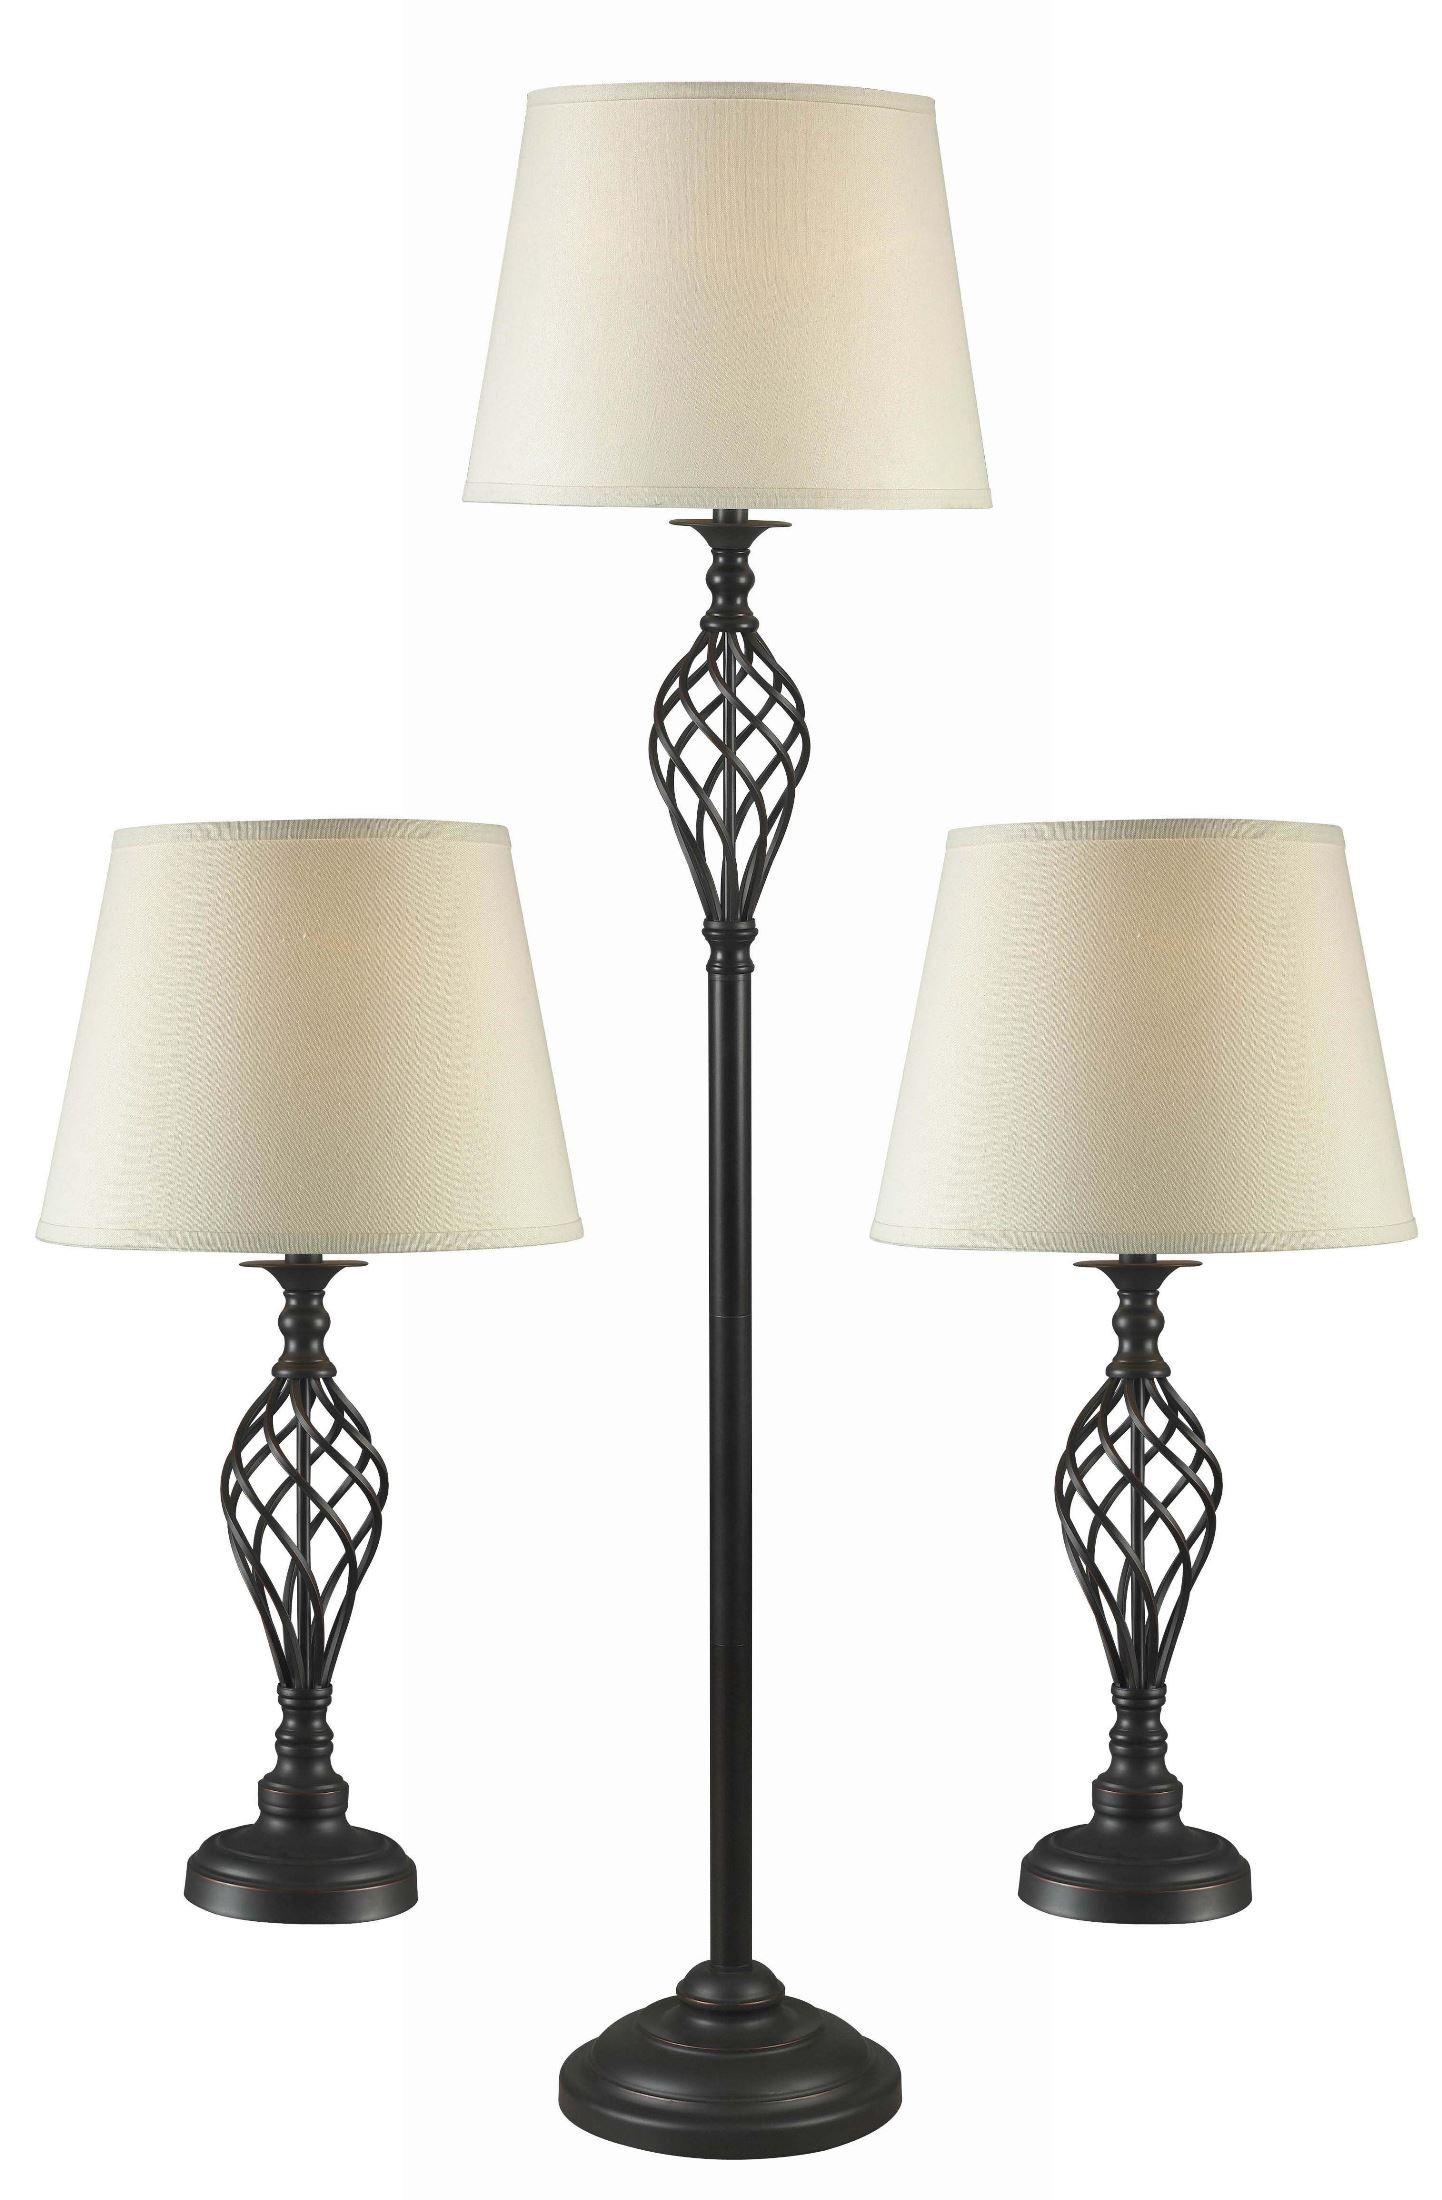 avett lamp set of 3 from kenroy 32190orb coleman furniture. Black Bedroom Furniture Sets. Home Design Ideas